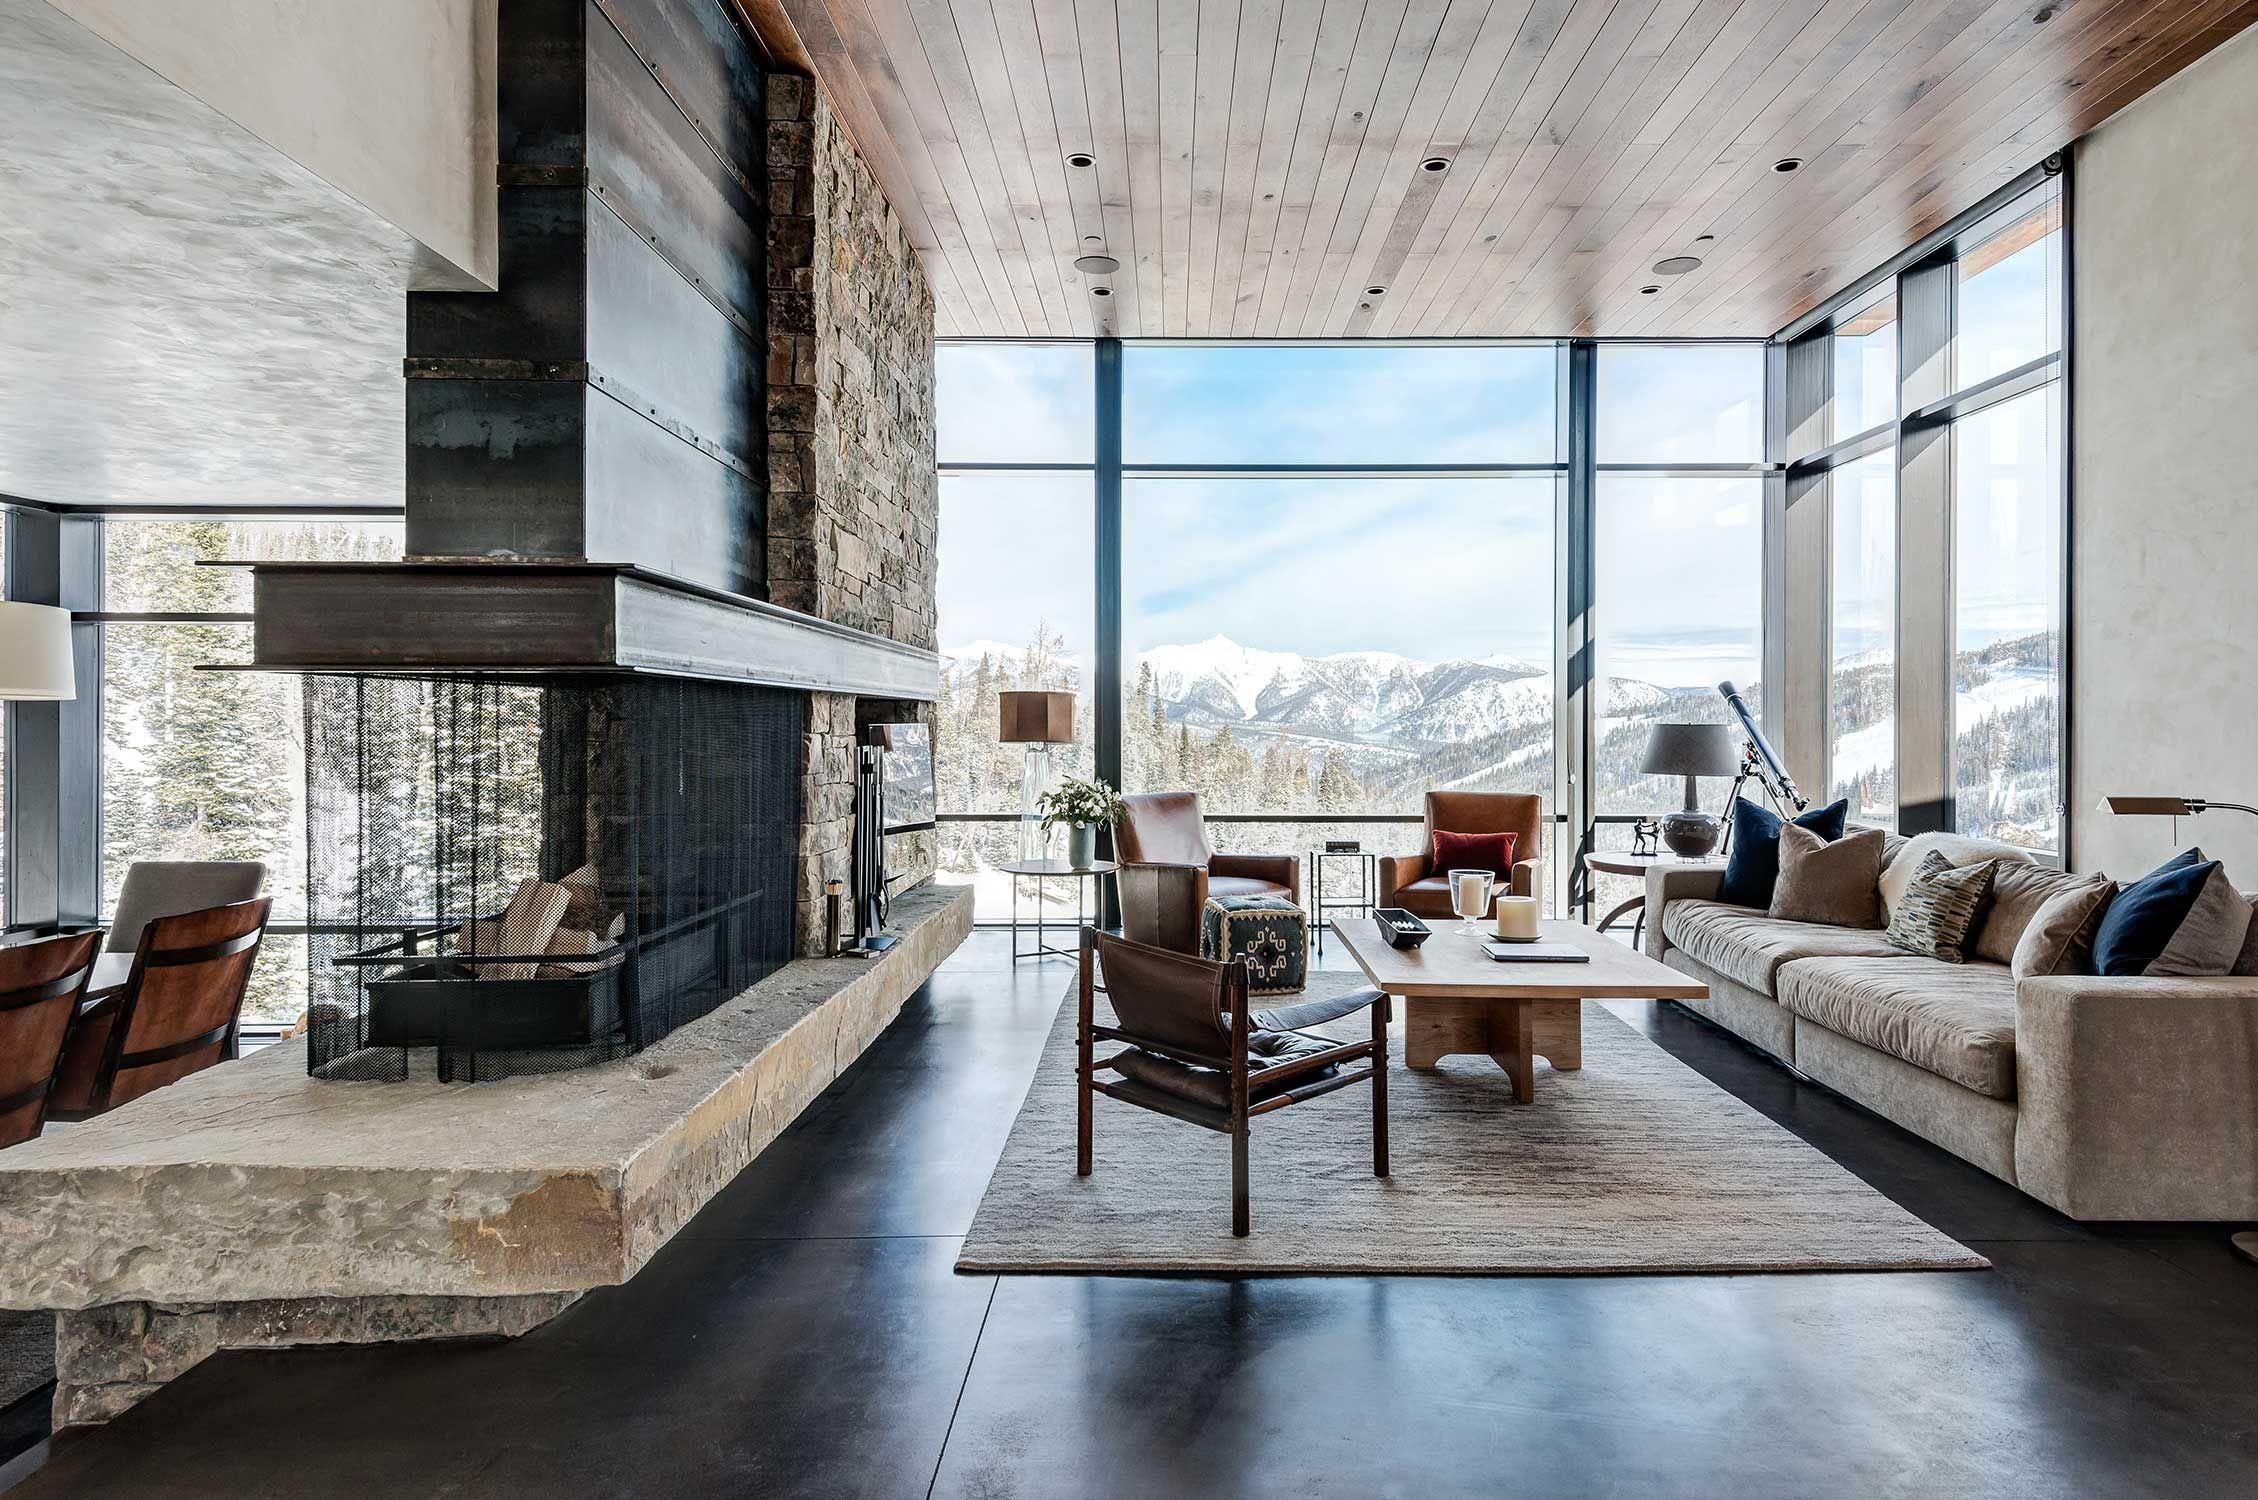 architectural studio pearson design group designed the mountain